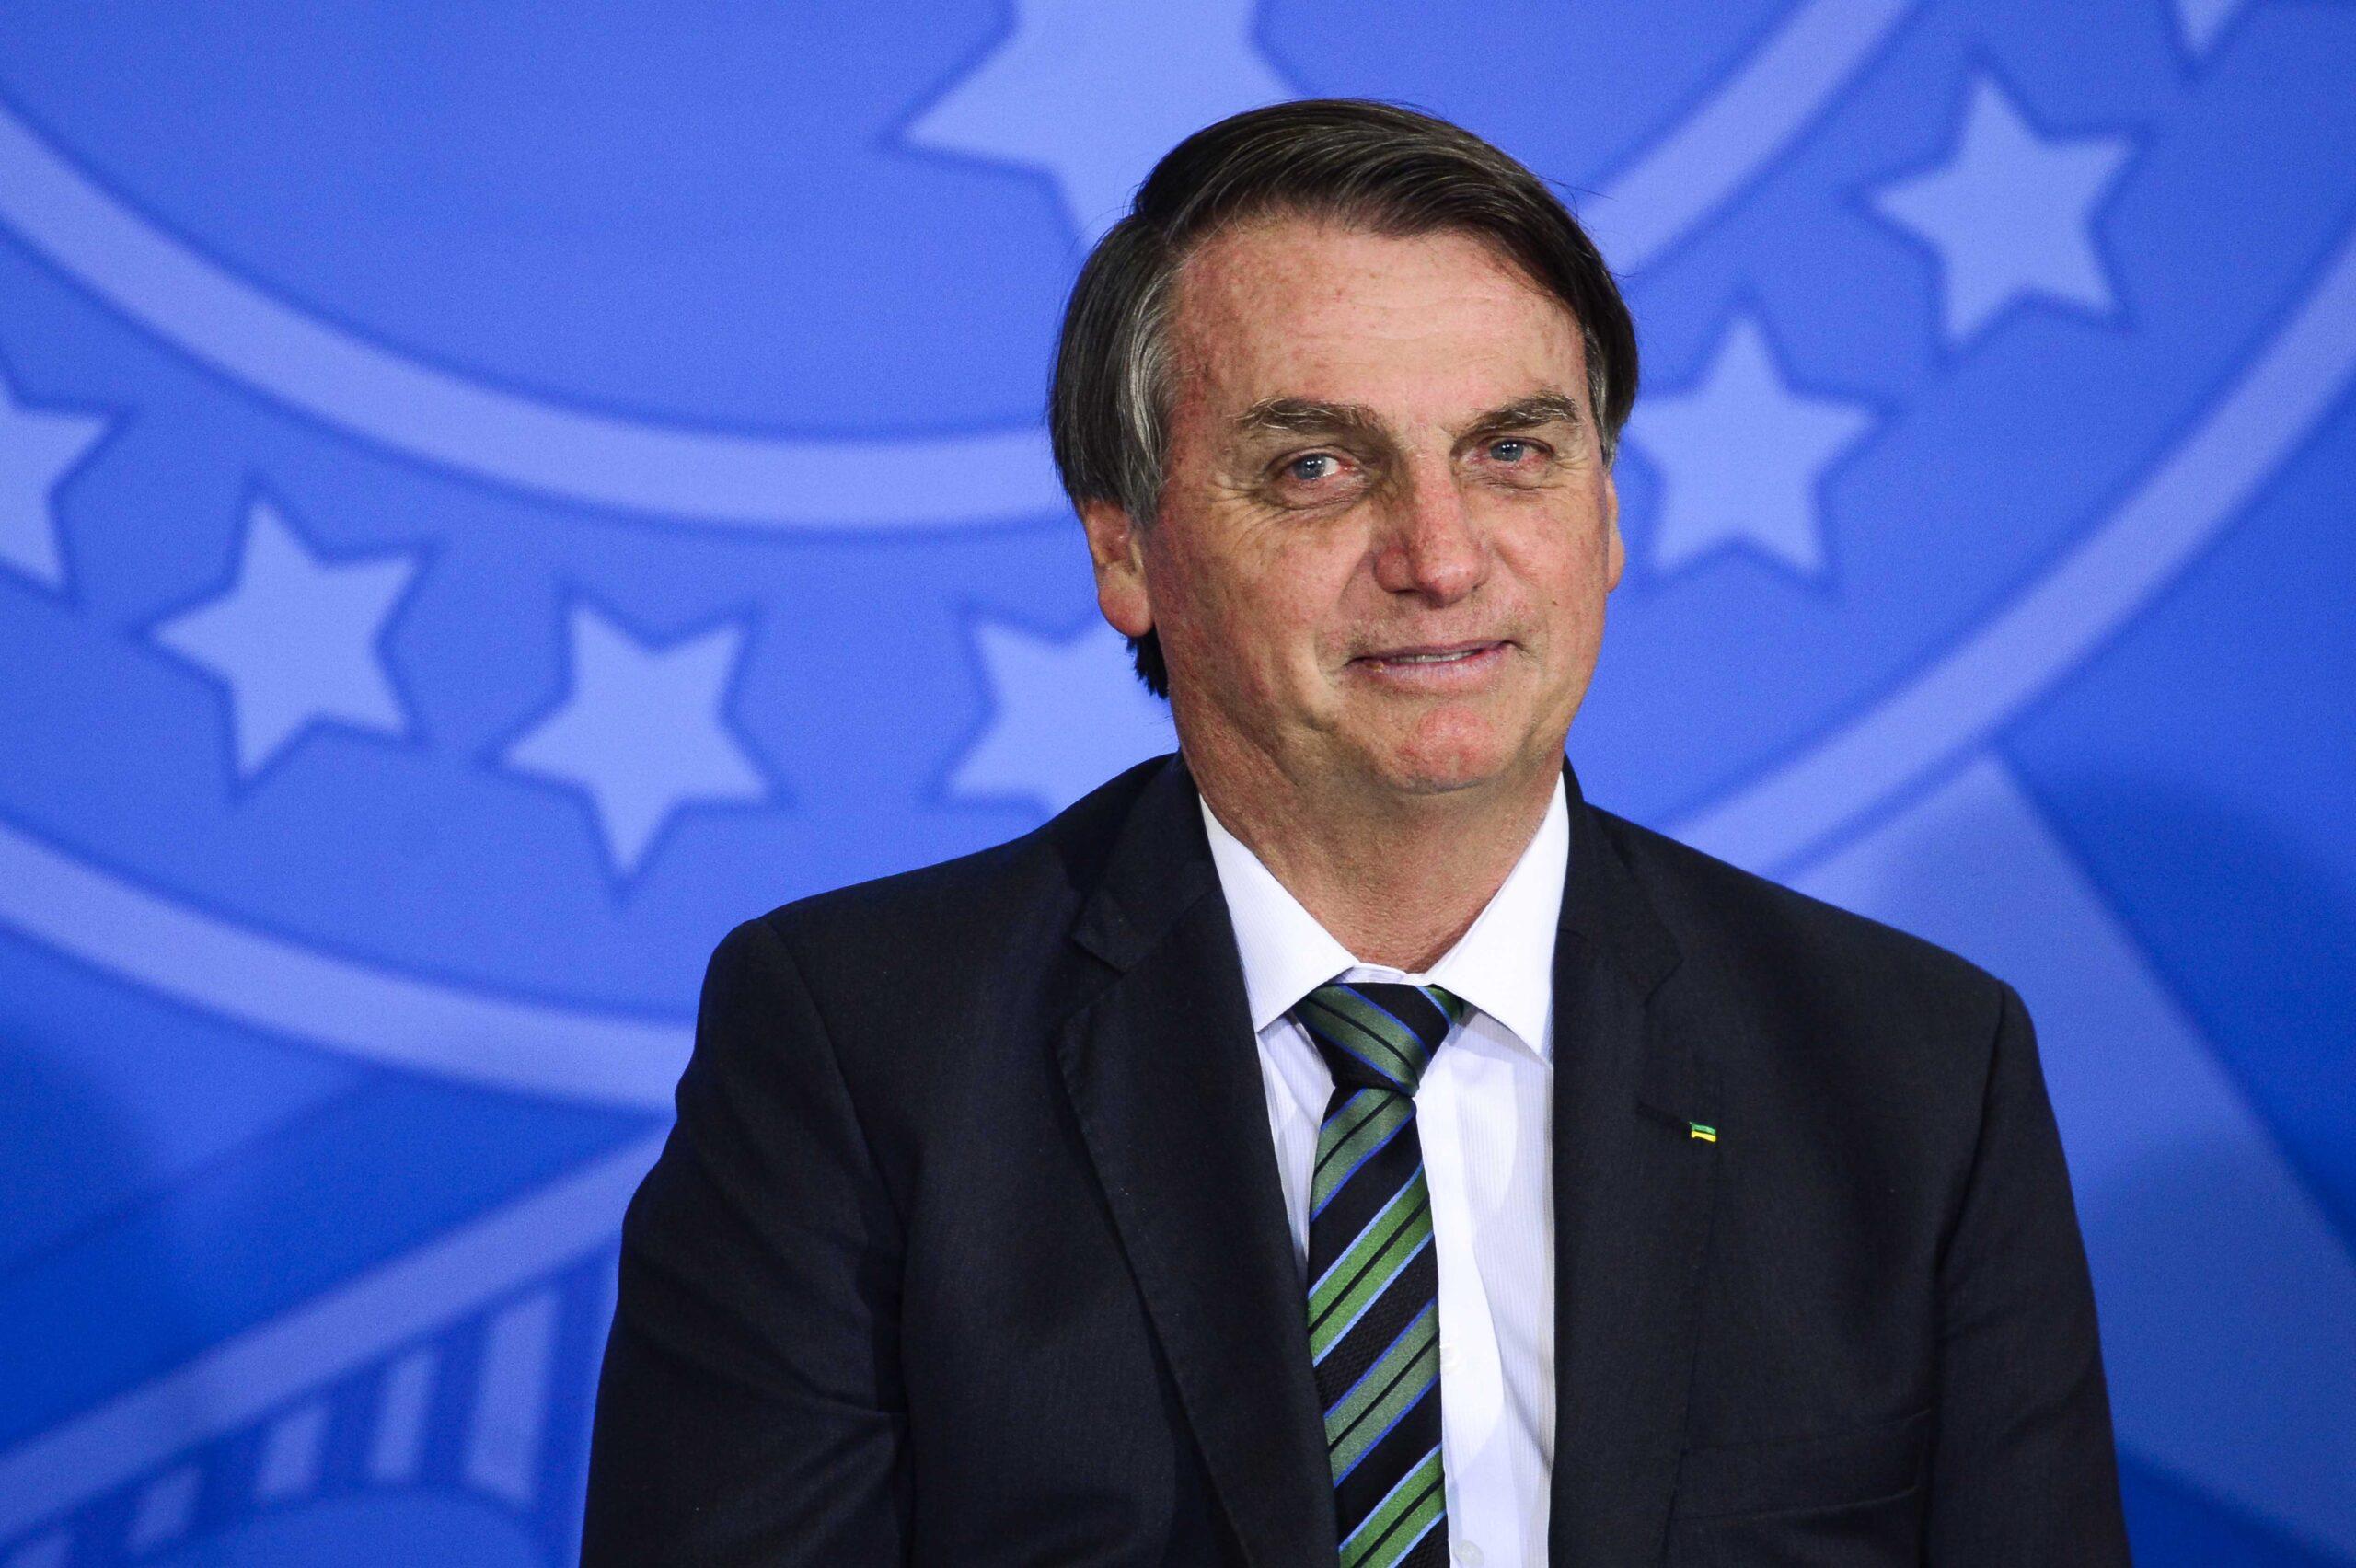 Com impasse sobre vacinas, Bolsonaro adia cerimônia para marcar início de imunização